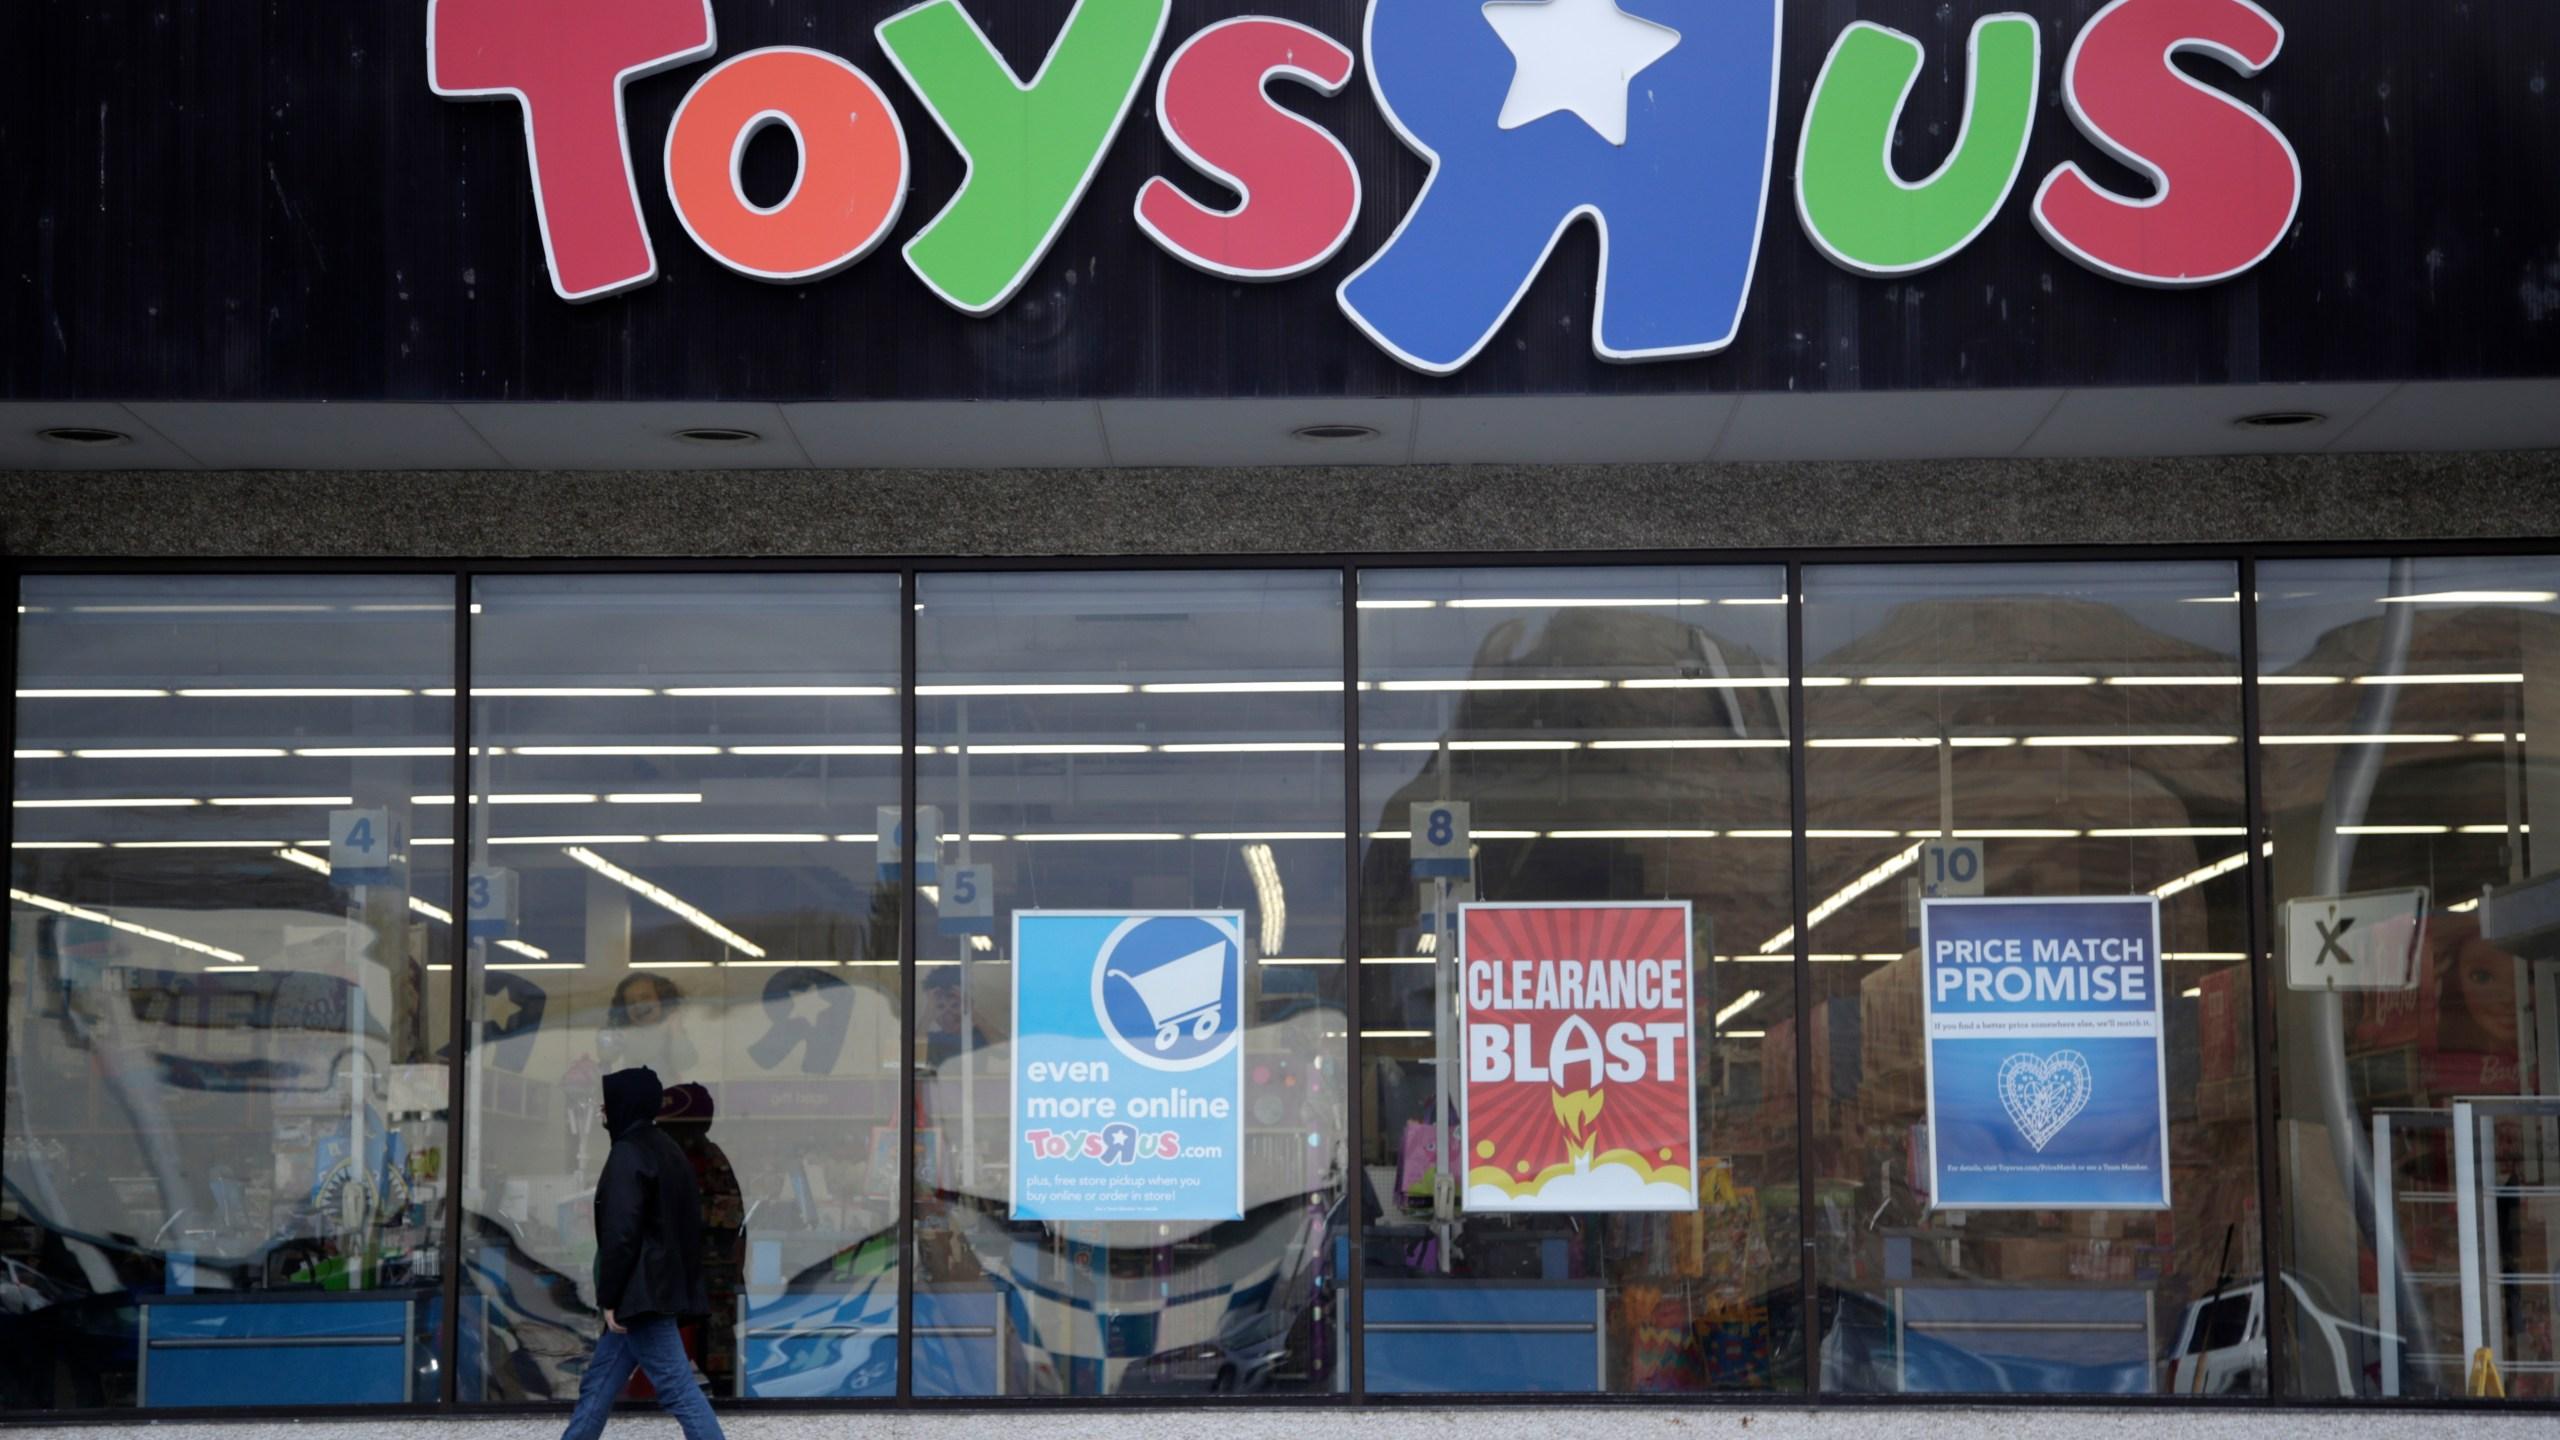 Toys_R_Us-Liquidation_28297-159532.jpg63507791